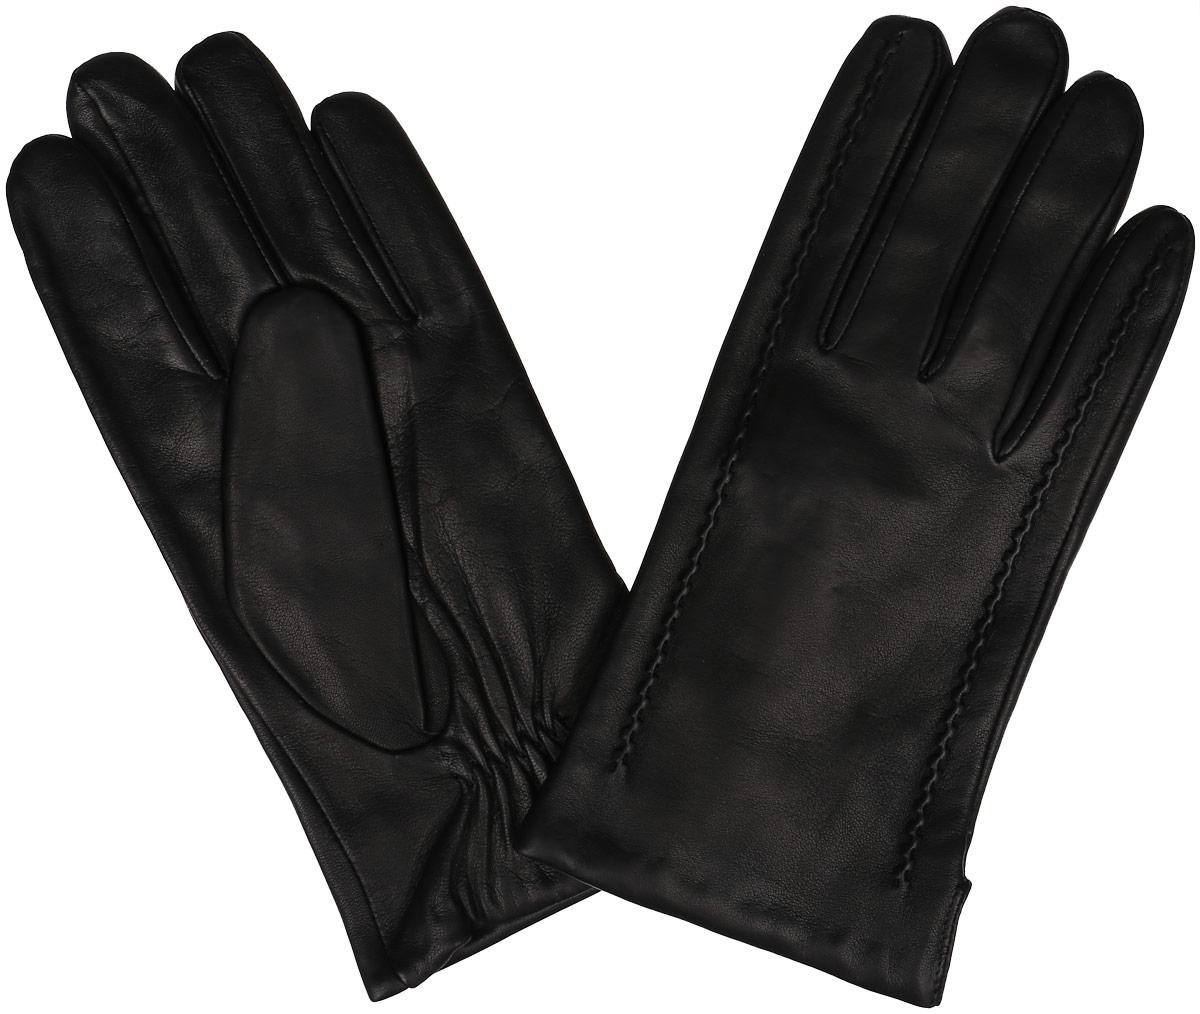 11_METEOR/BR//11Классические мужские перчатки Dali Exclusive не только защитят ваши руки, но и станут великолепным украшением. Перчатки выполнены из чрезвычайно мягкой и приятной на ощупь натуральной кожи ягненка, а их подкладка - из натуральной овечьей шерсти. Перчатки с внешней стороны оформлены декоративными швами. Манжеты с внутренней стороны дополнены вставкой-резинкой. Модель благодаря своему лаконичному исполнению прекрасно дополнит образ любого мужчины и сделает его более стильным, придав тонкую нотку брутальности. Создайте элегантный образ и подчеркните свою яркую индивидуальность новым аксессуаром!